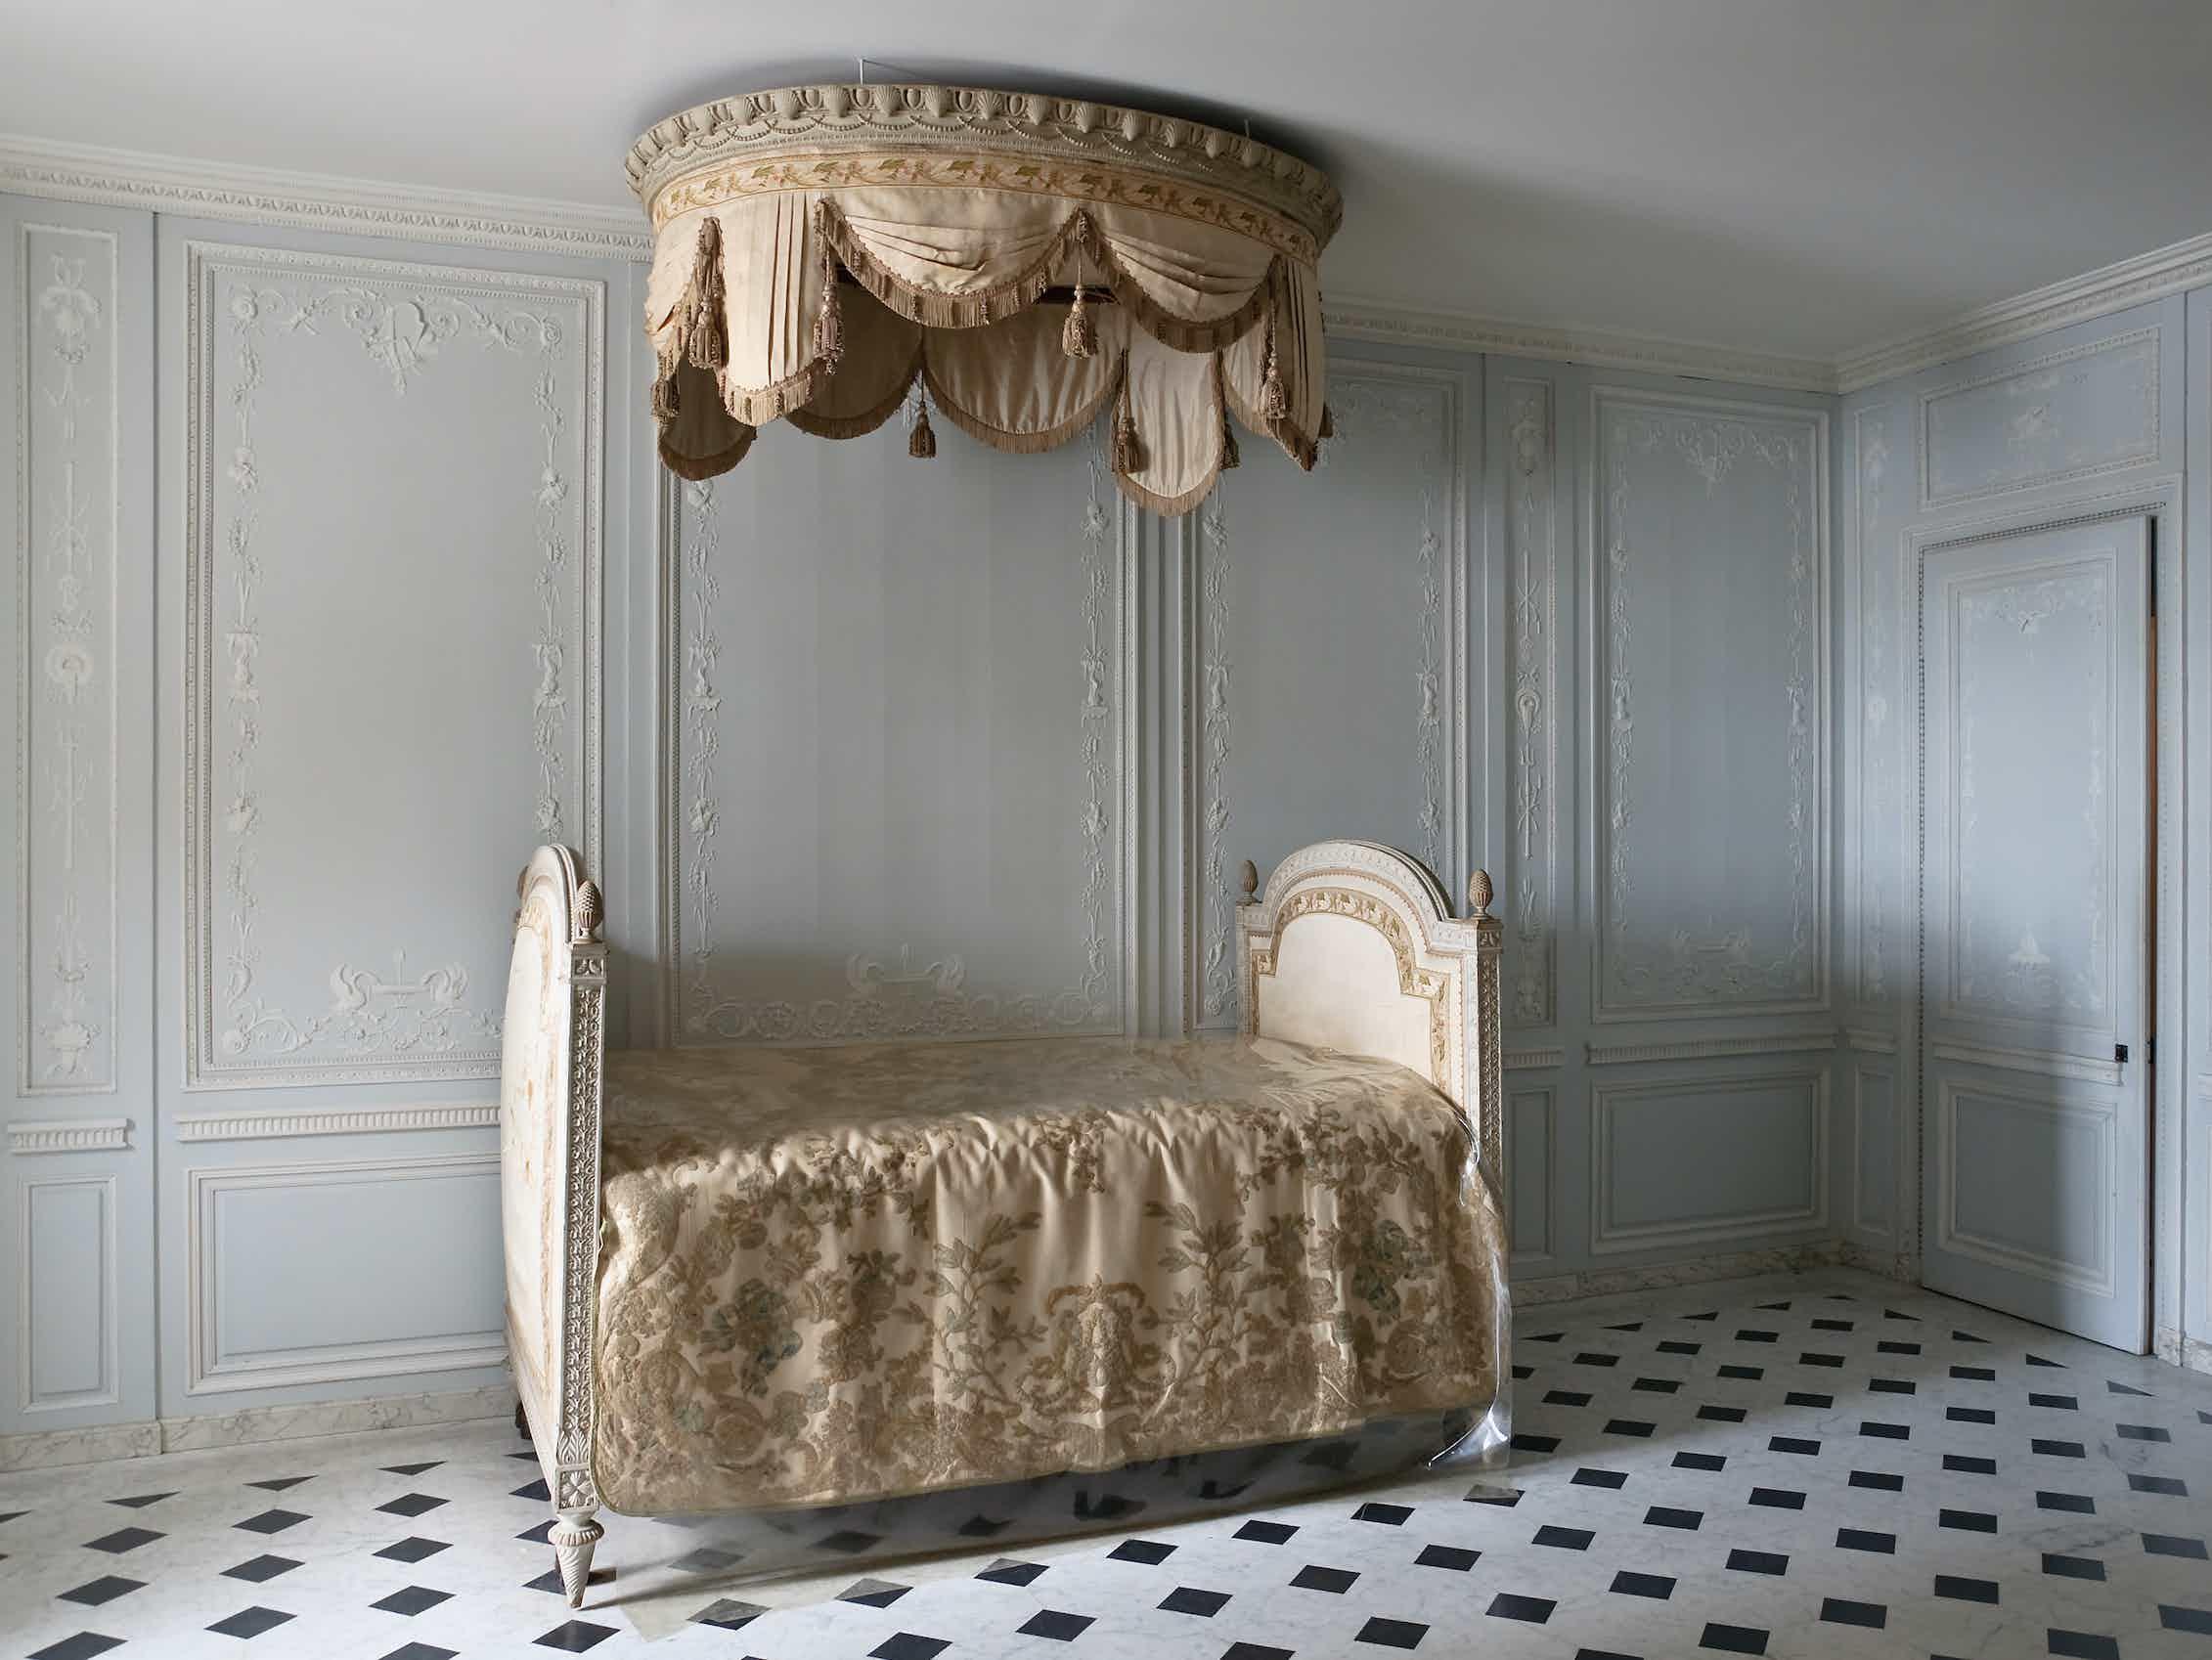 Sala de baño de los aposentos de María Antonieta en Versalles.Wikimedia Commons / Myrabella,CC BY-SA